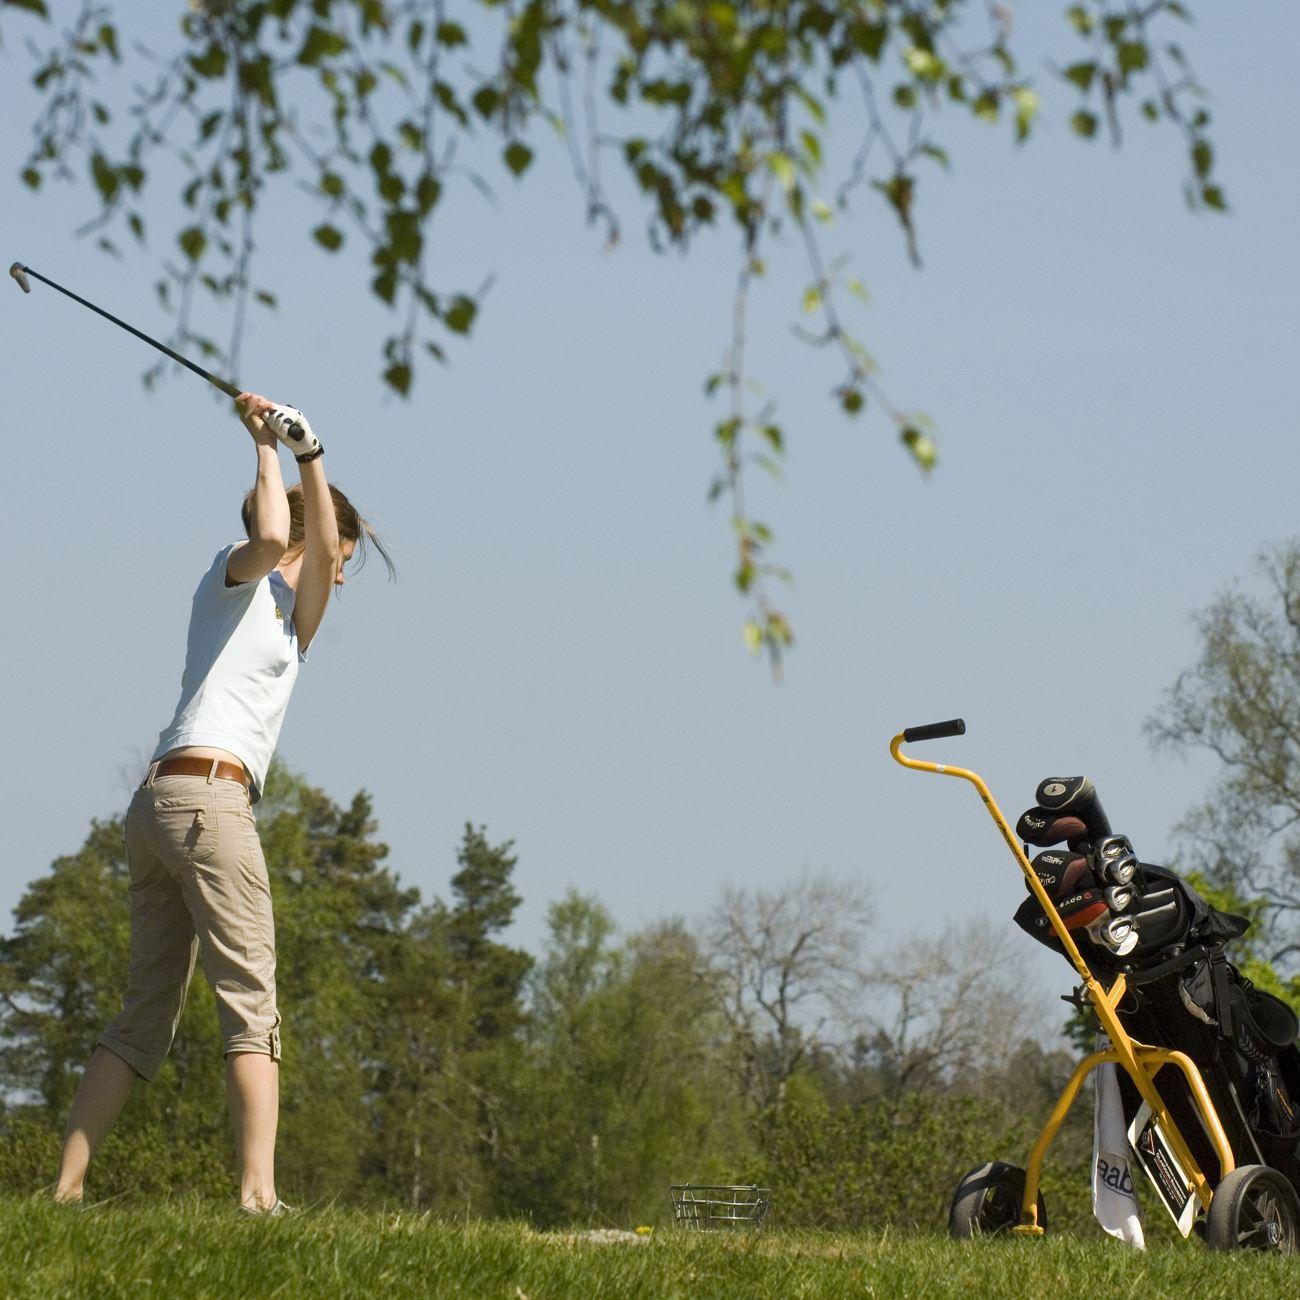 Smålandsbilder.se,  © Värnamo Näringsliv AB , Lanna Golfklubb